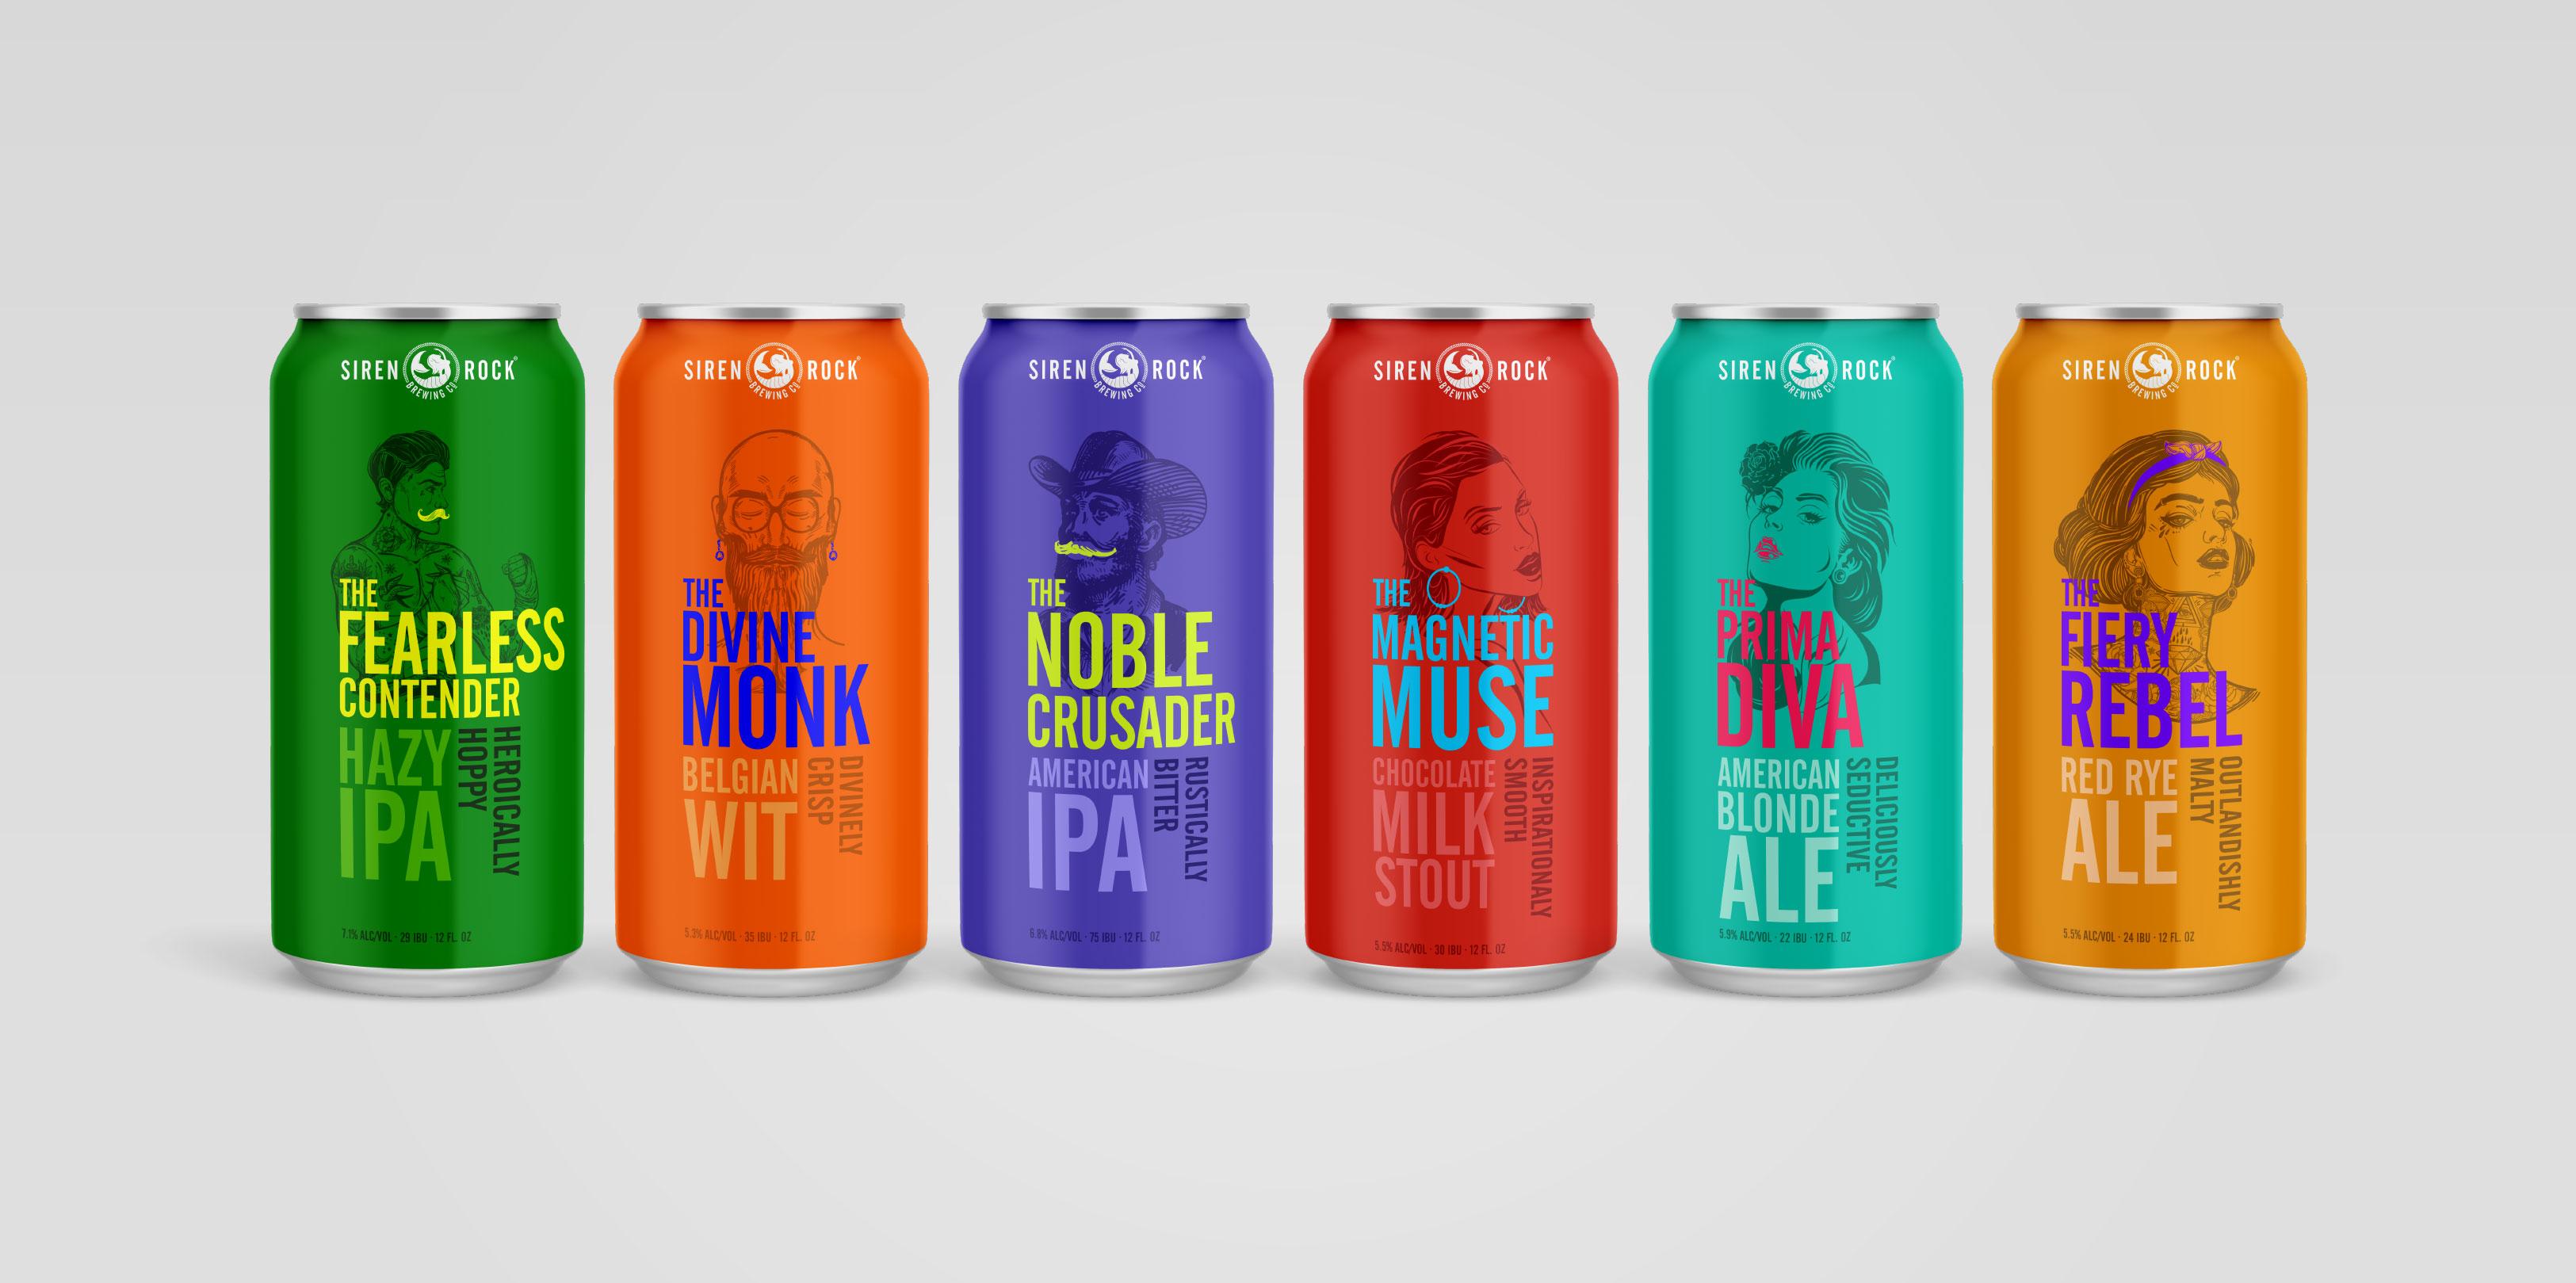 Siren Rock Package Design 6 beers